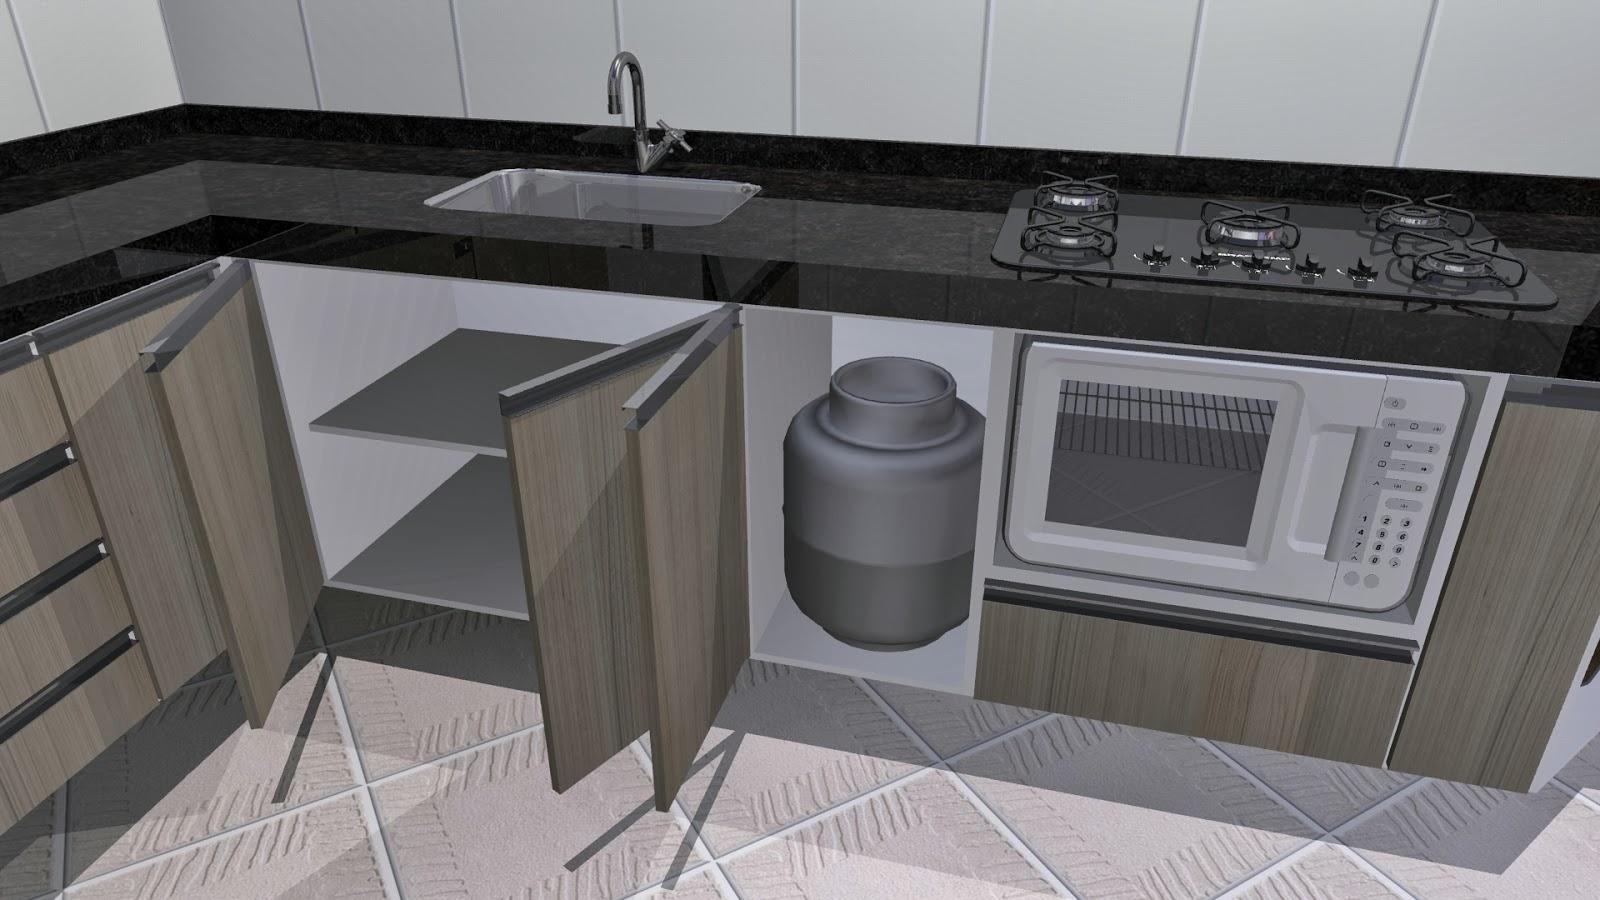 #58534A Juliana Campi Designer de interiores: Setembro 2013 1600x900 px Projeto De Cozinha Com Banheiro #2827 imagens